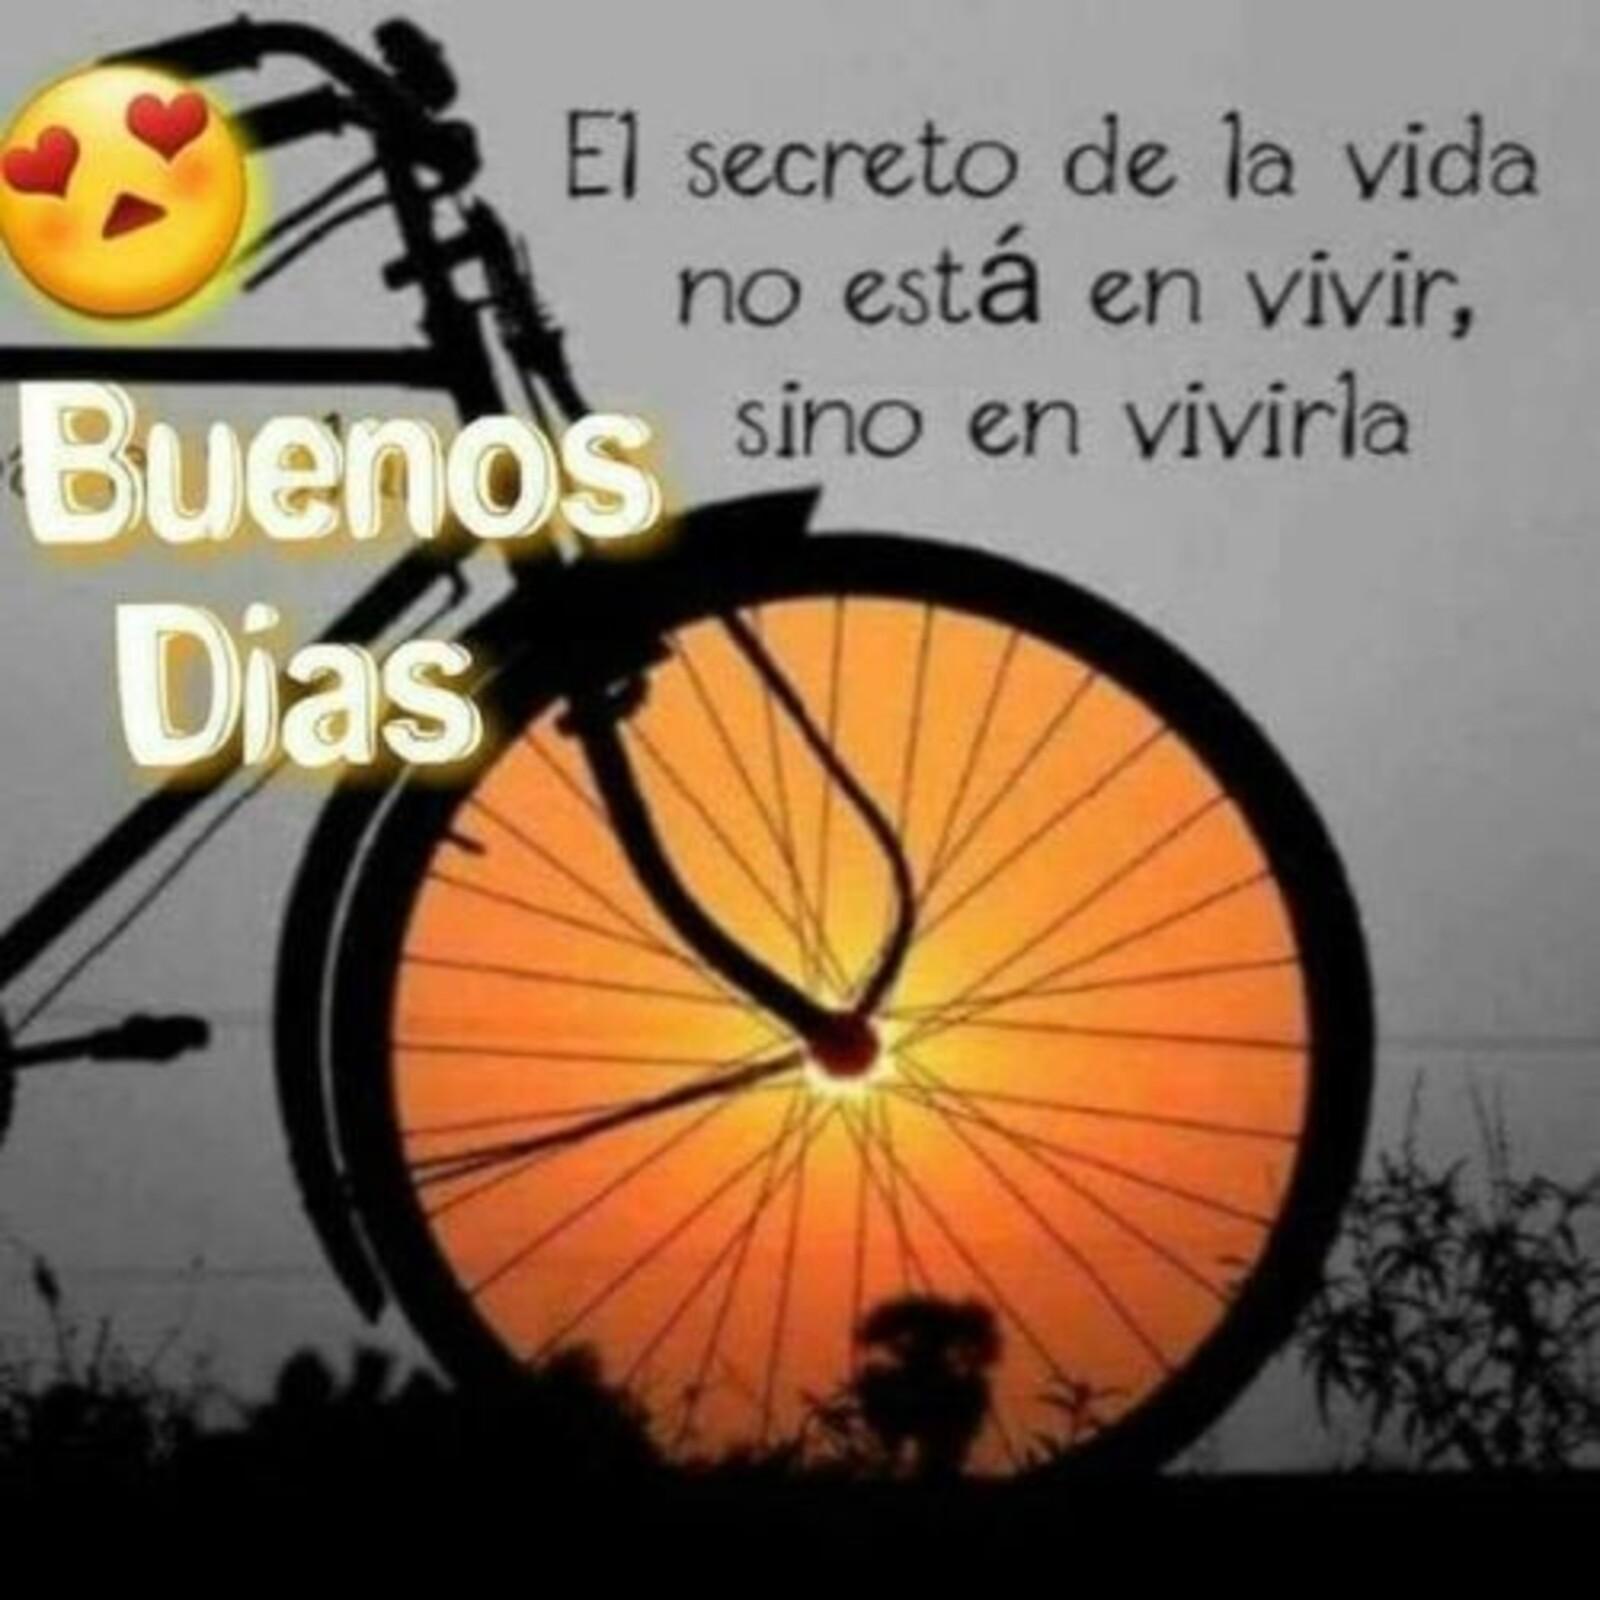 El secreto de la vida, no esta en vivir, sino en vivirla! Buenos días